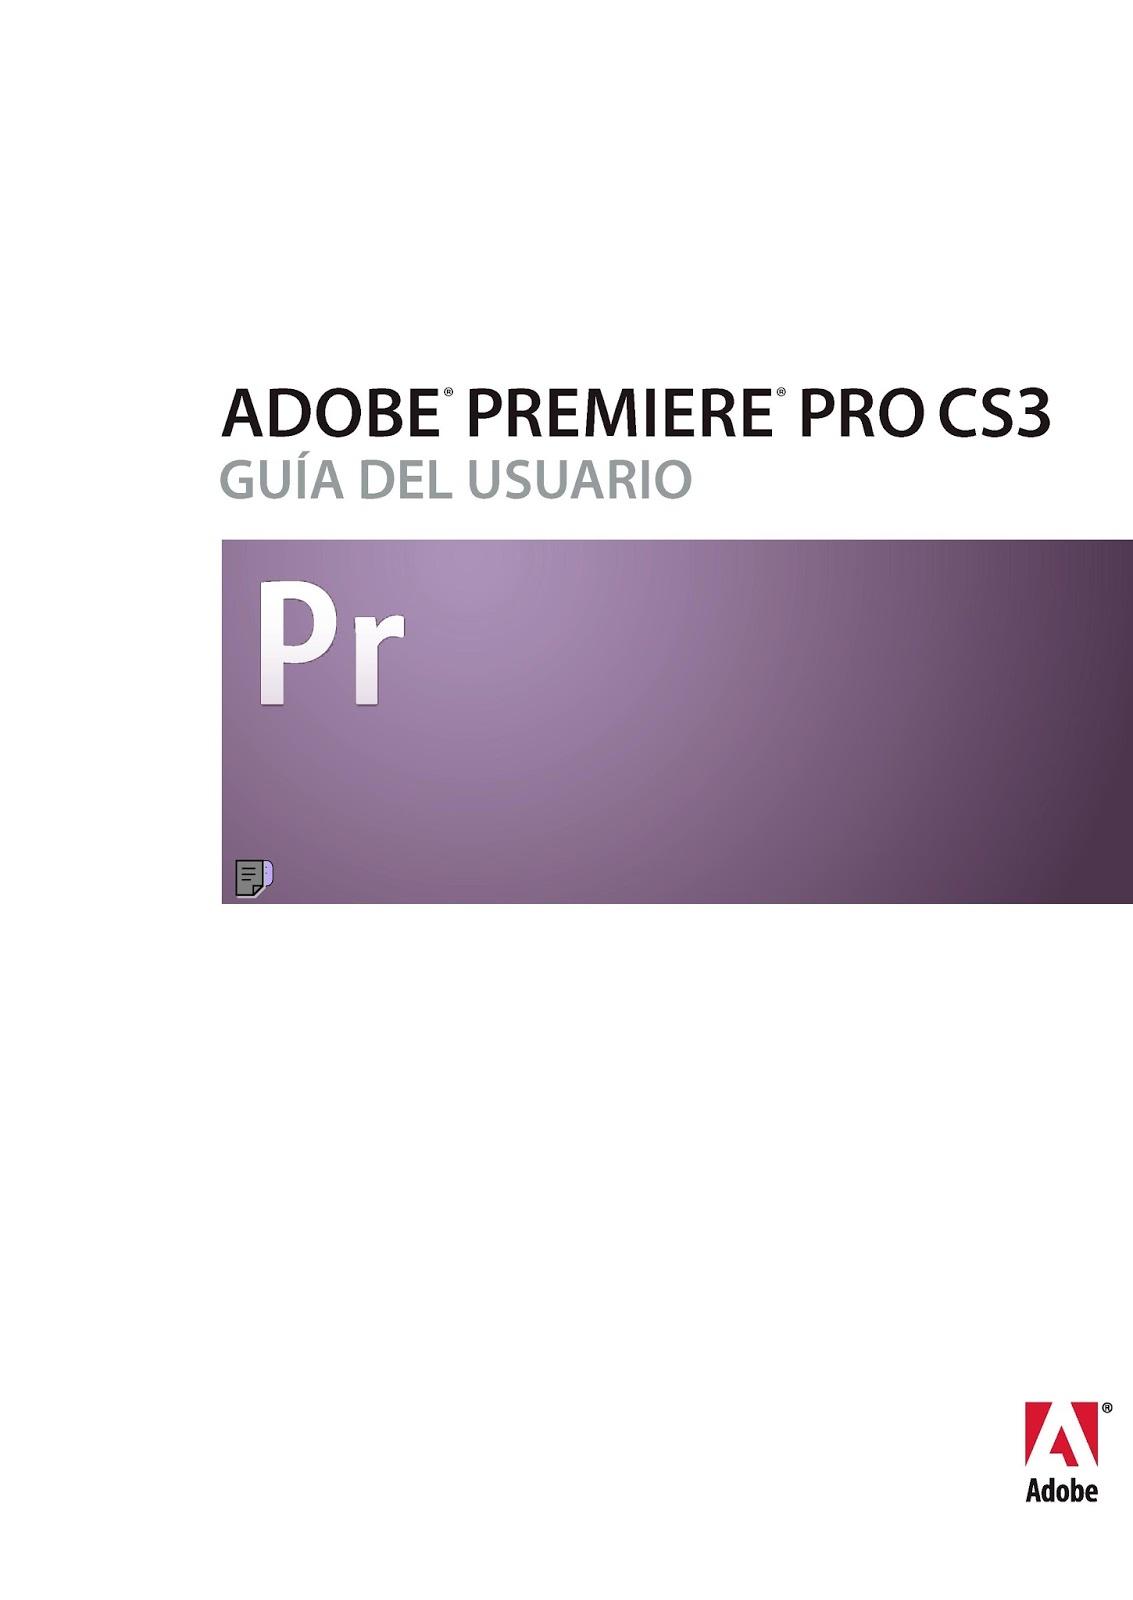 Adobe Premiere Pro CS3: Guía del usuario